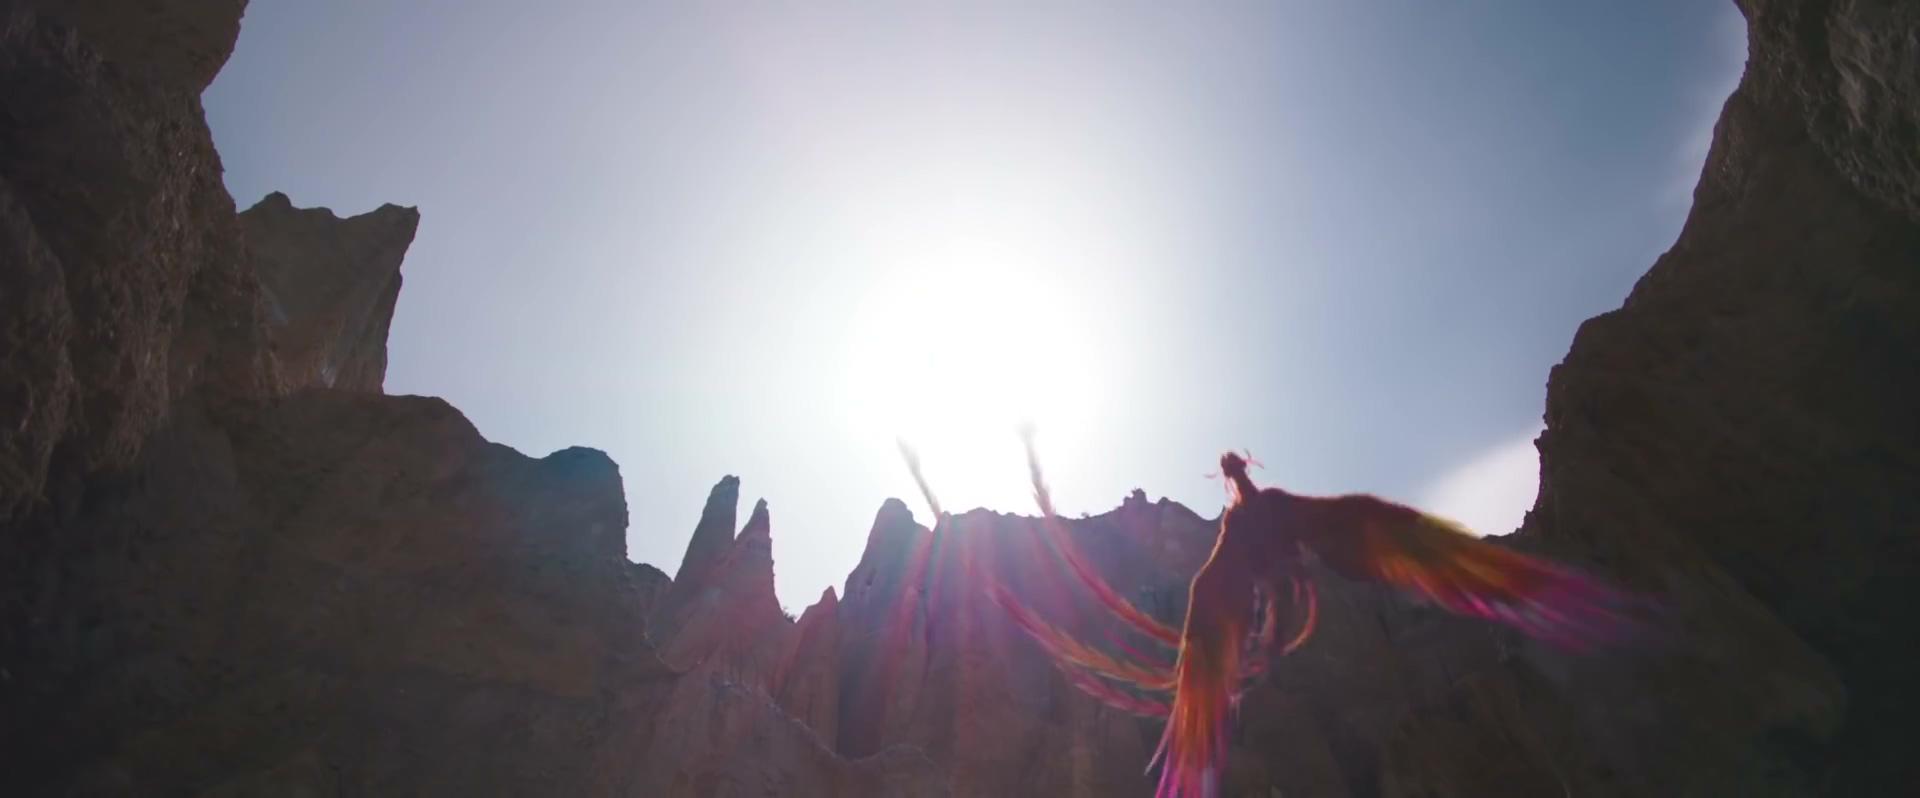 《花木兰》电影北美版预告 大量新镜头曝光